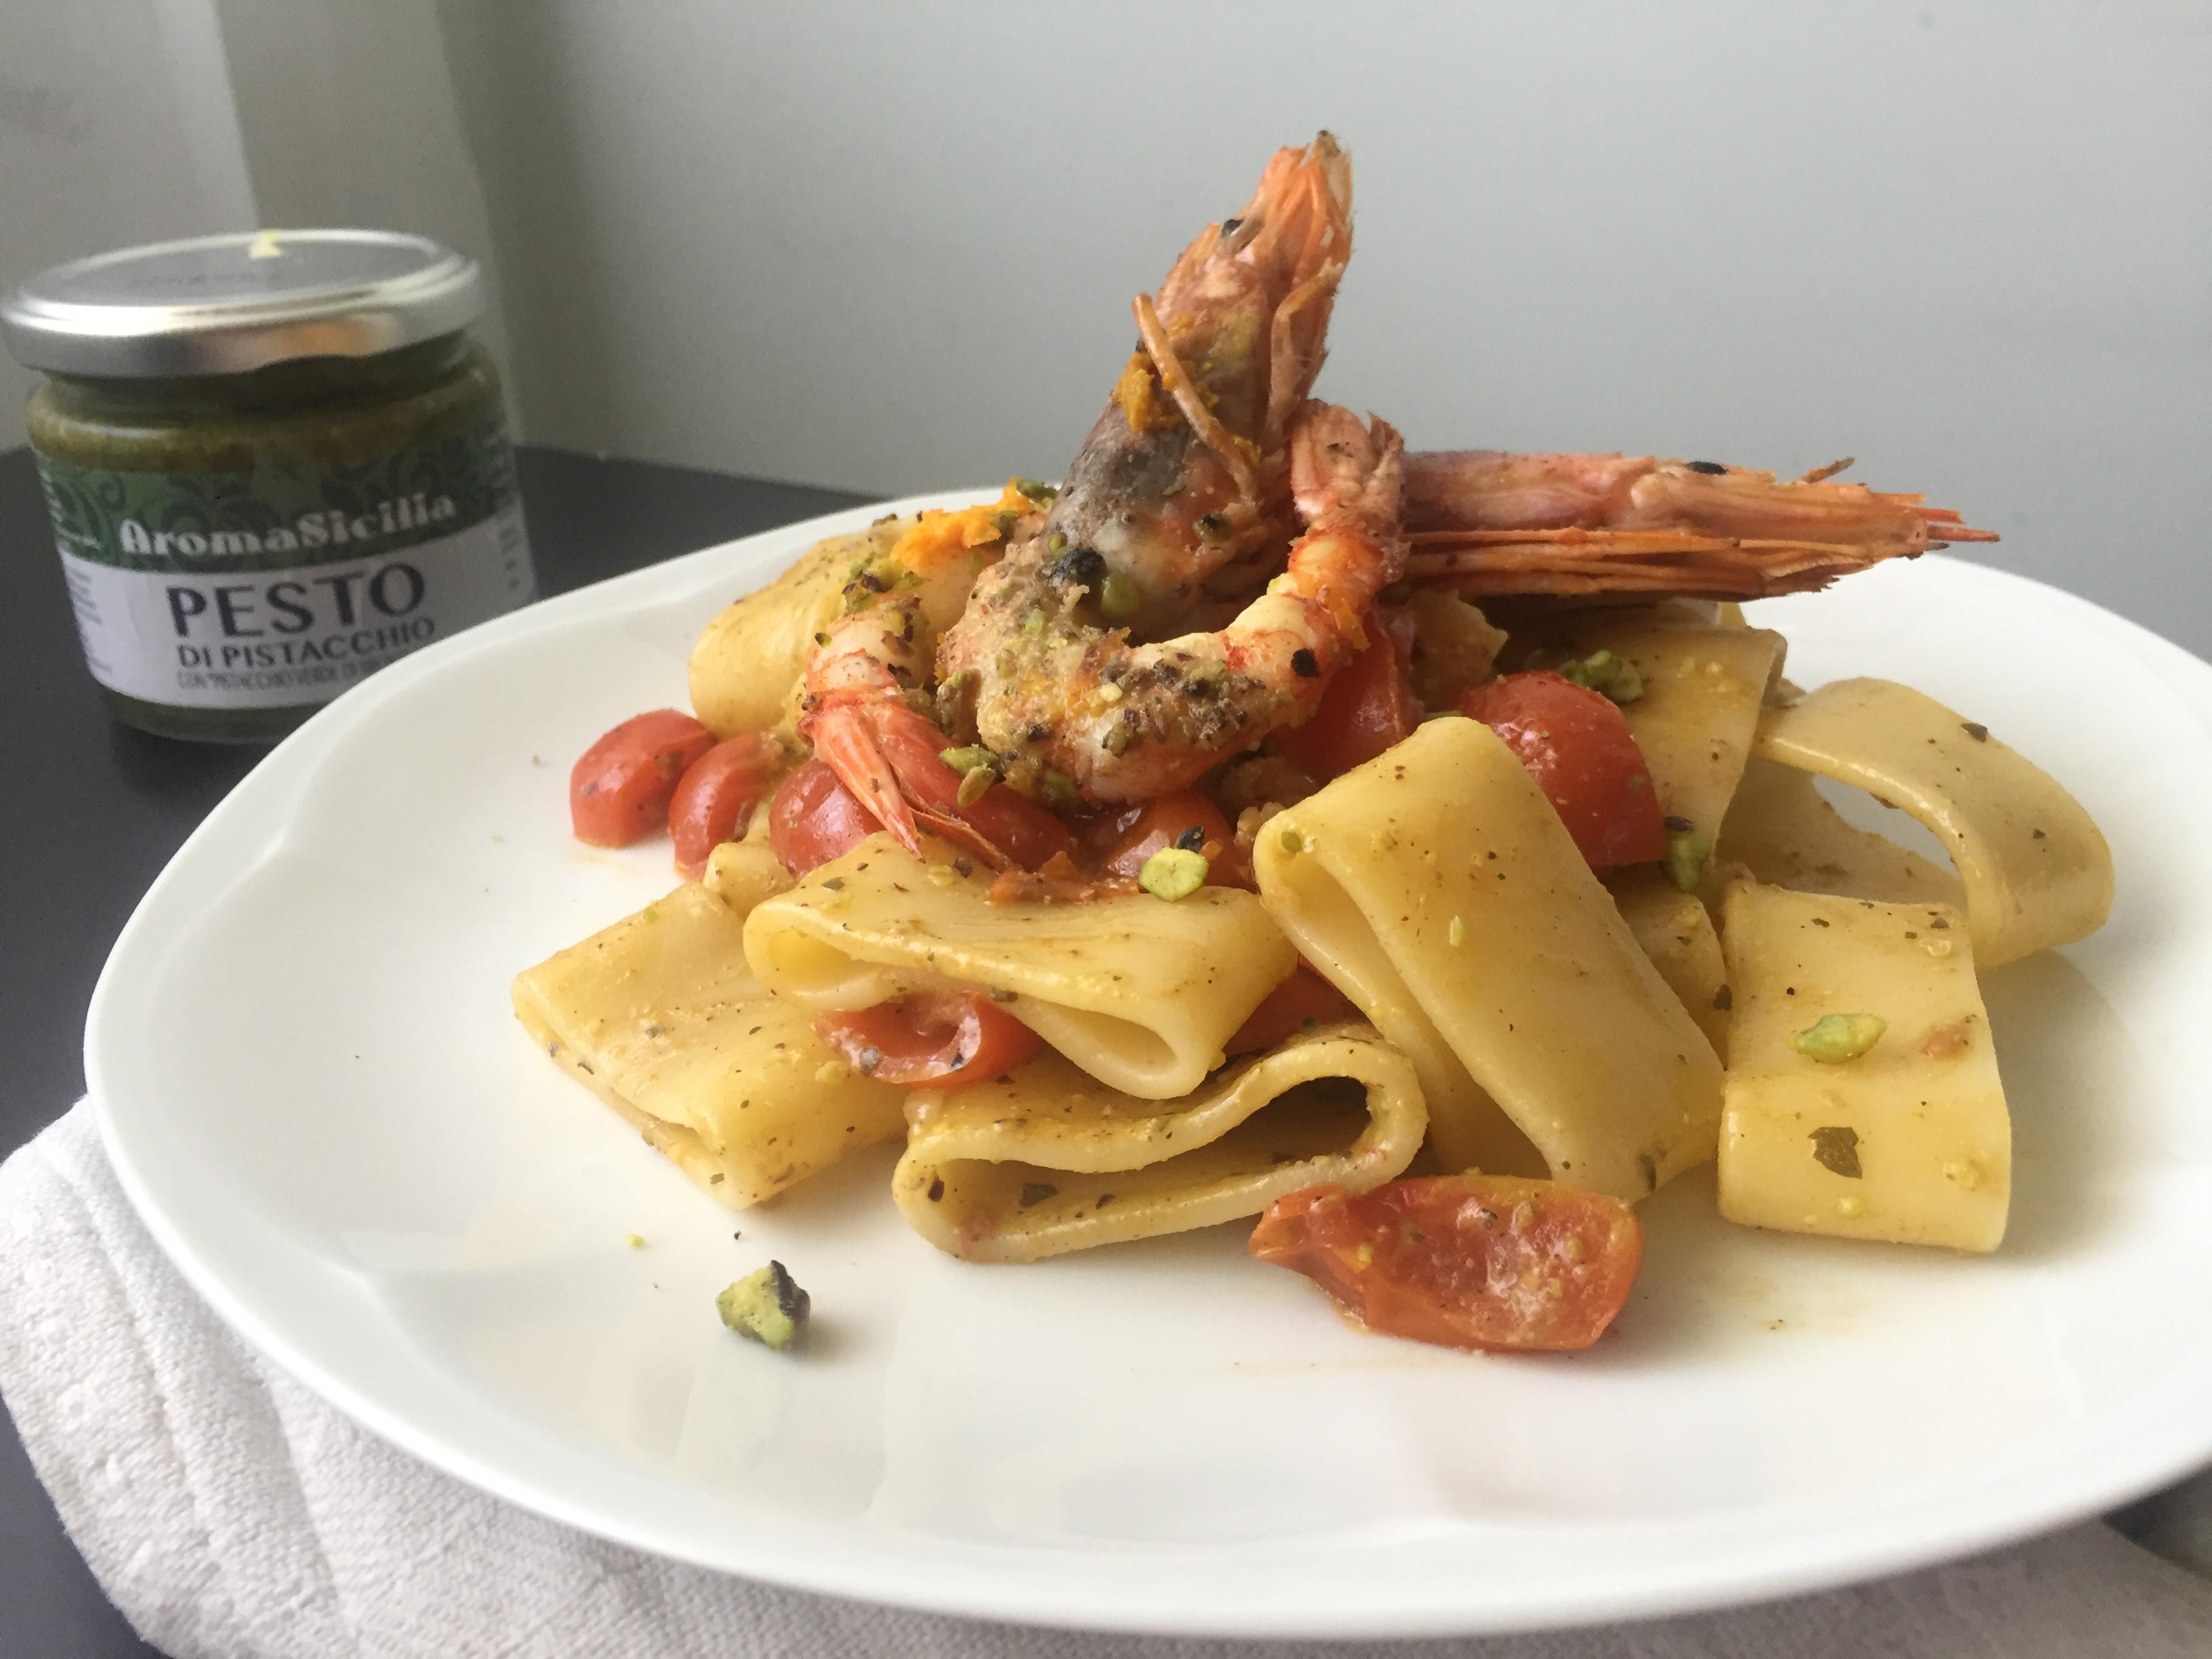 Calamarata Al Pesto Di Pistacchi Con Gamberi All Arancia